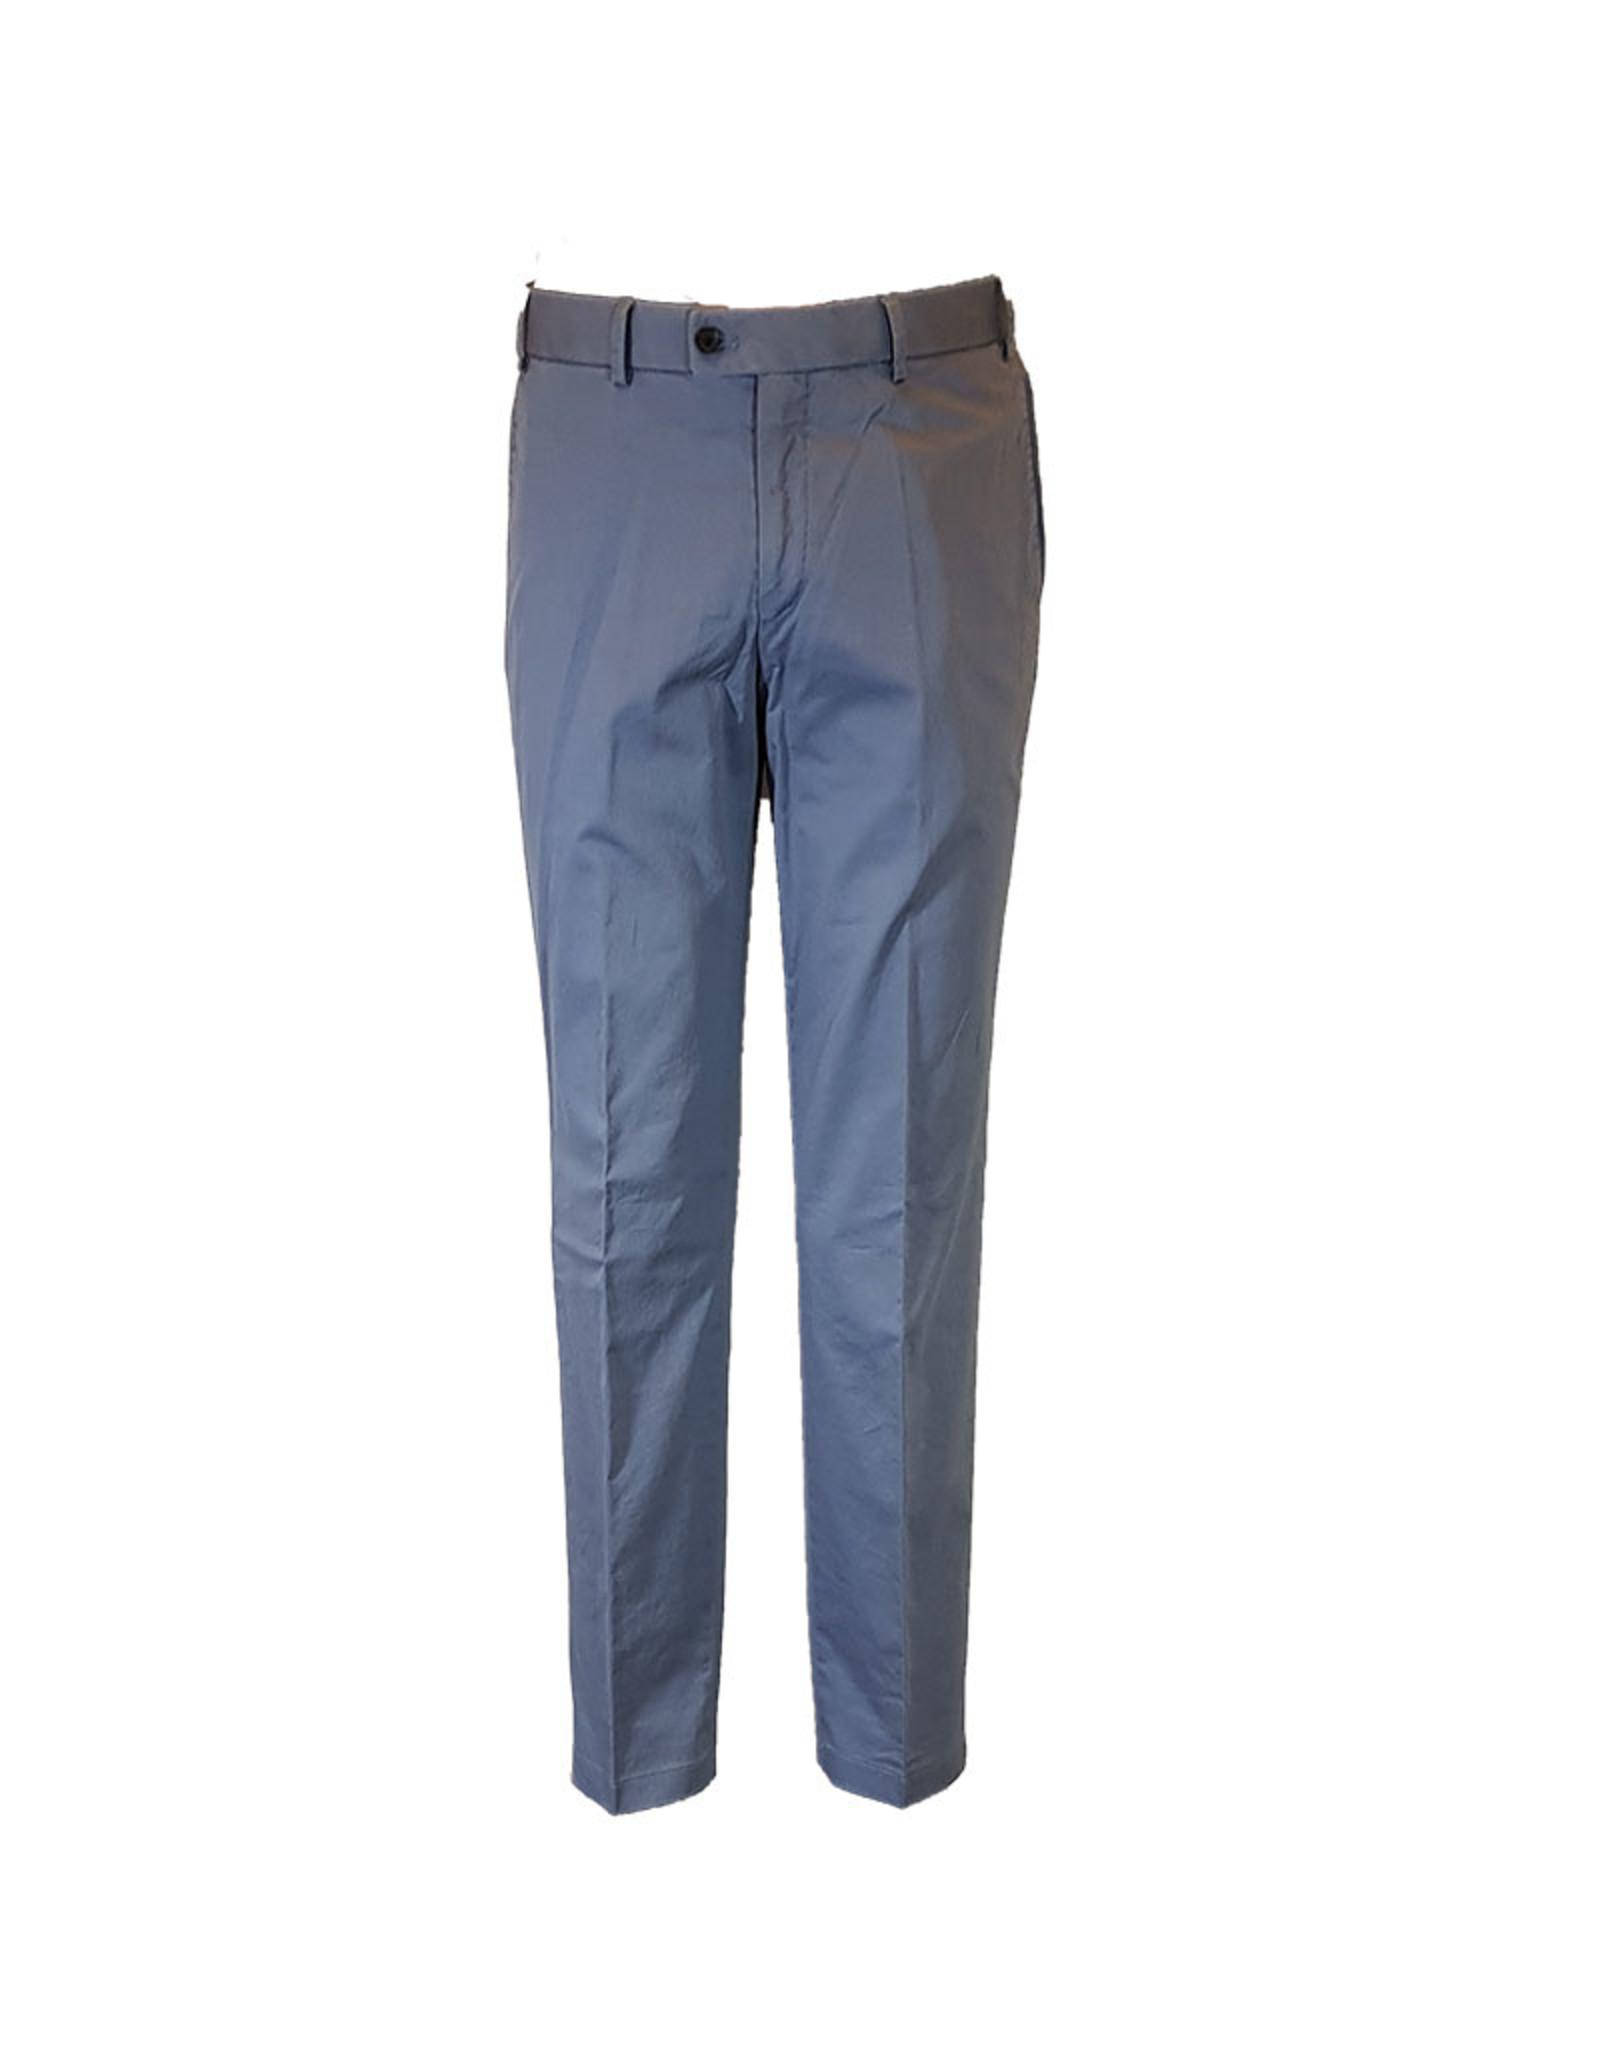 Hiltl Hiltl broek katoen lichtblauw Parma 73600/45